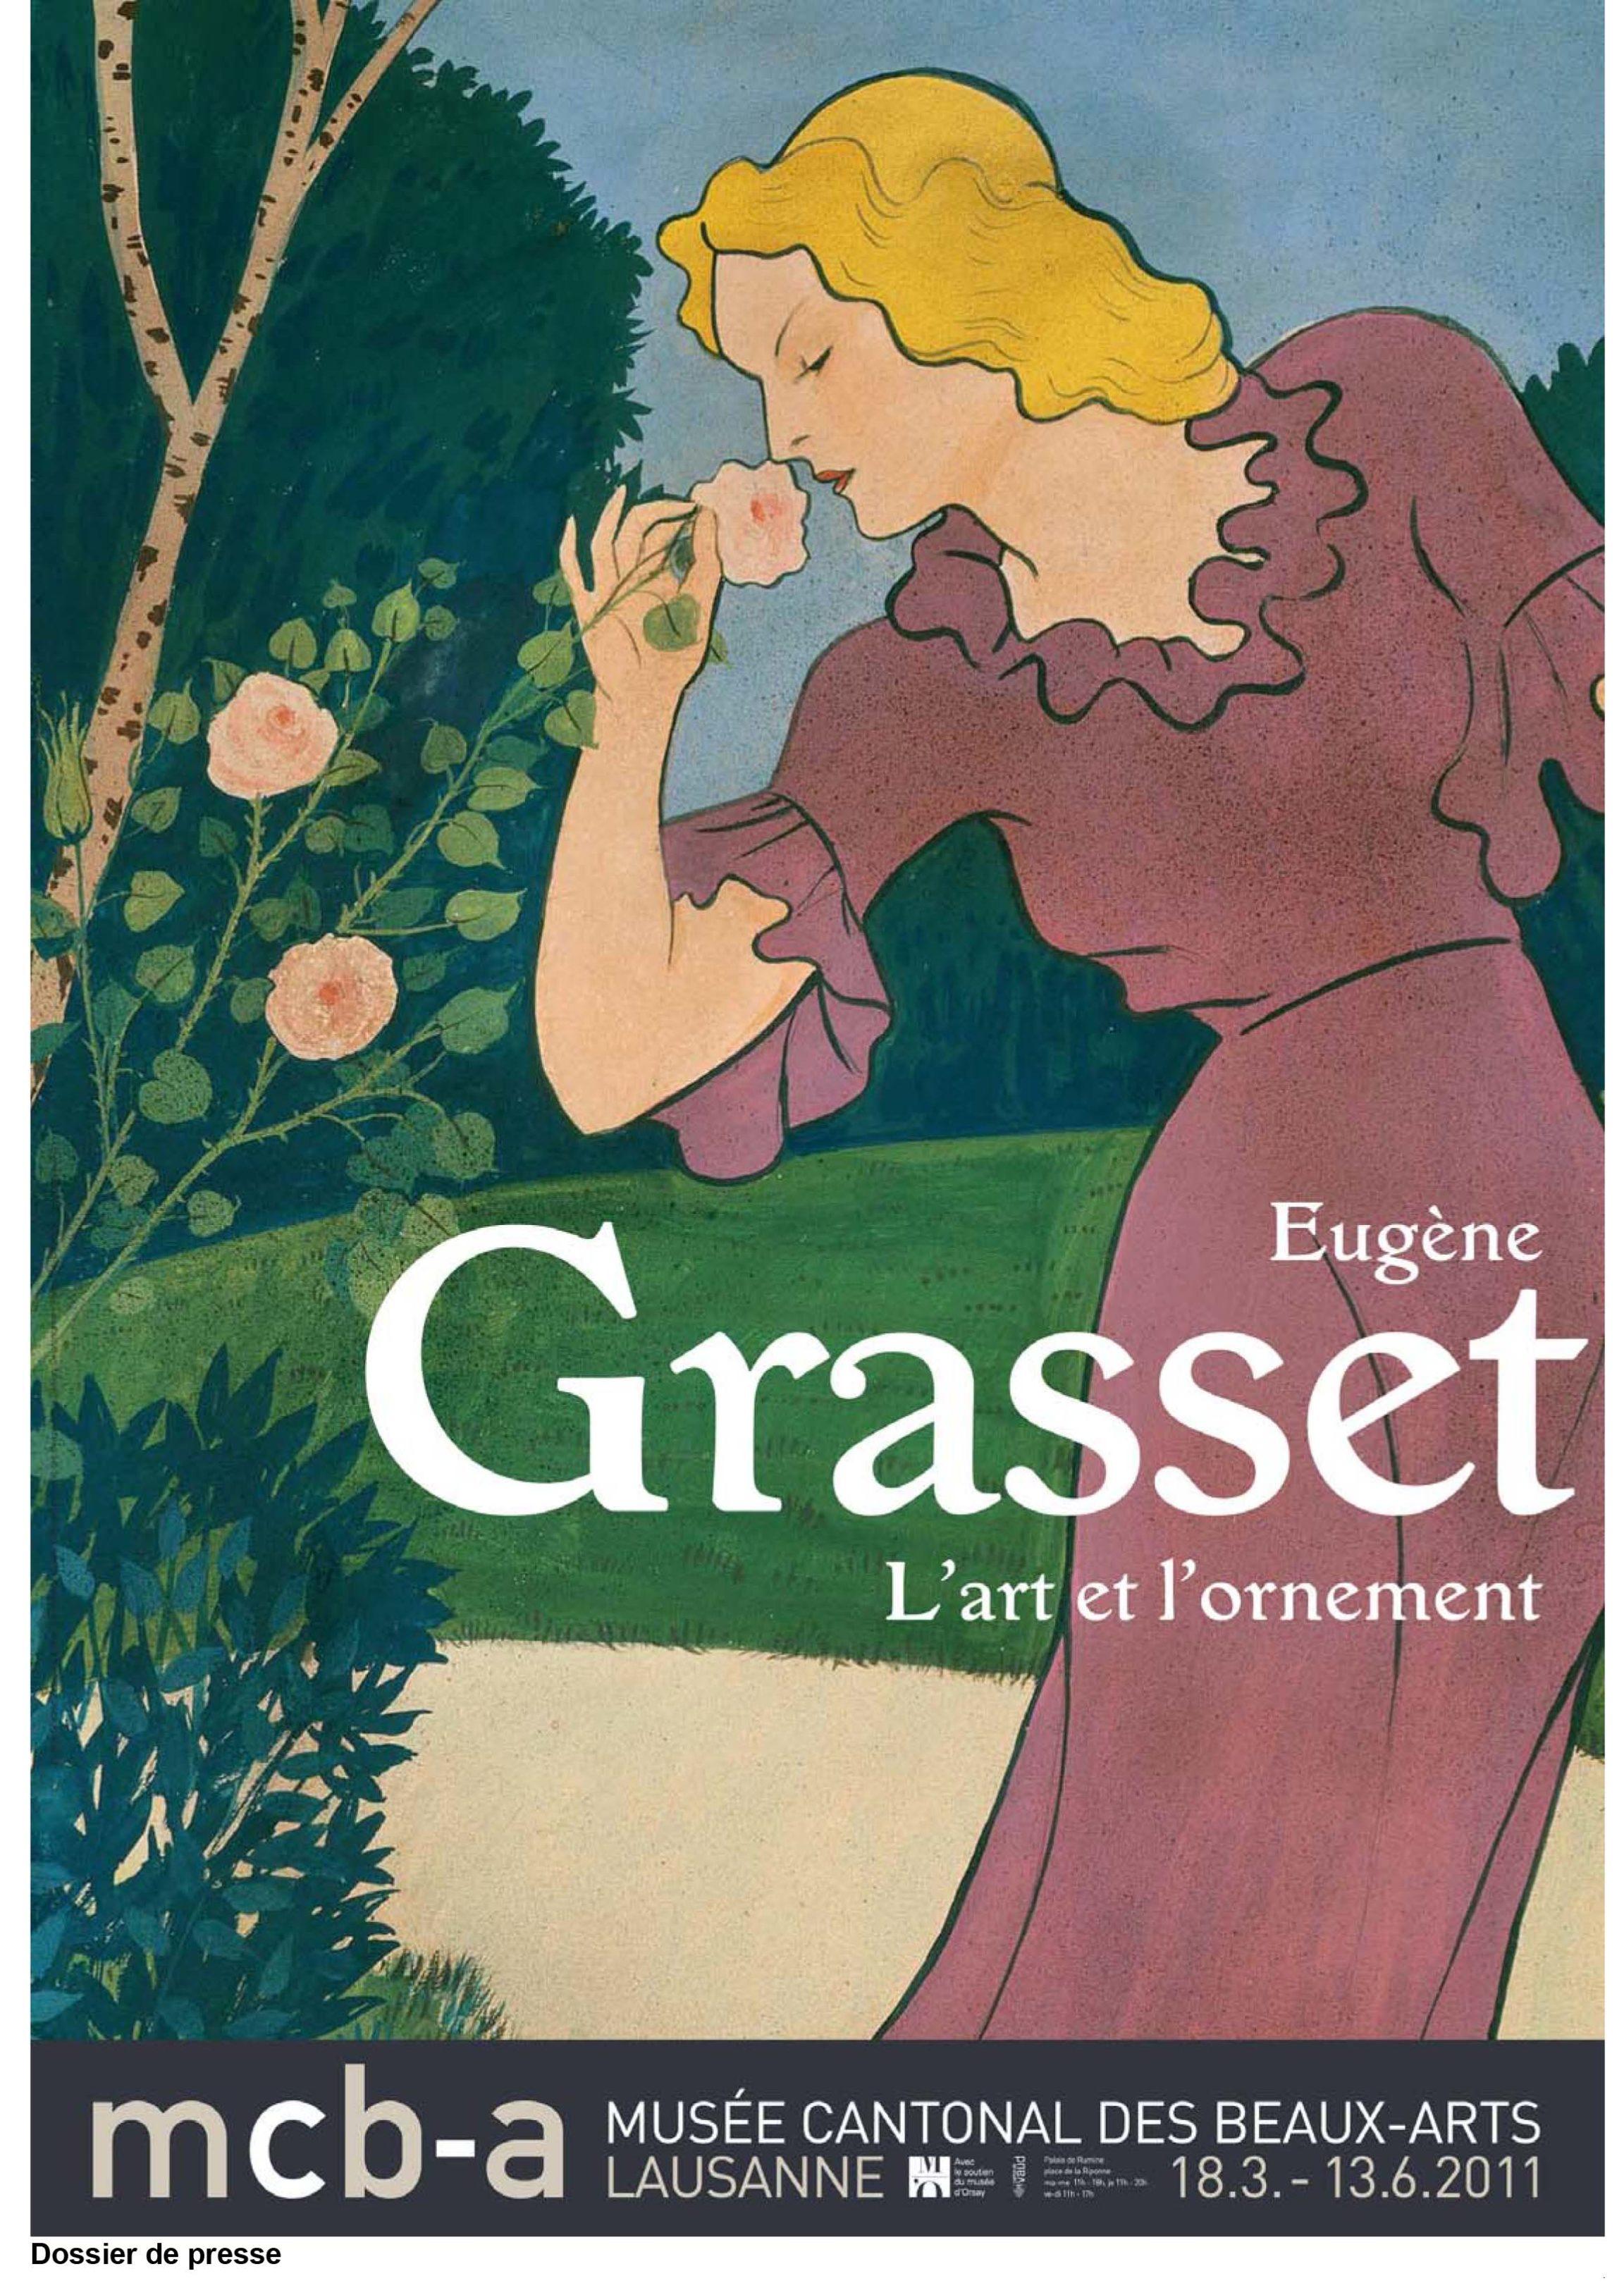 Eugène Grasset <br> L'art et l'ornement